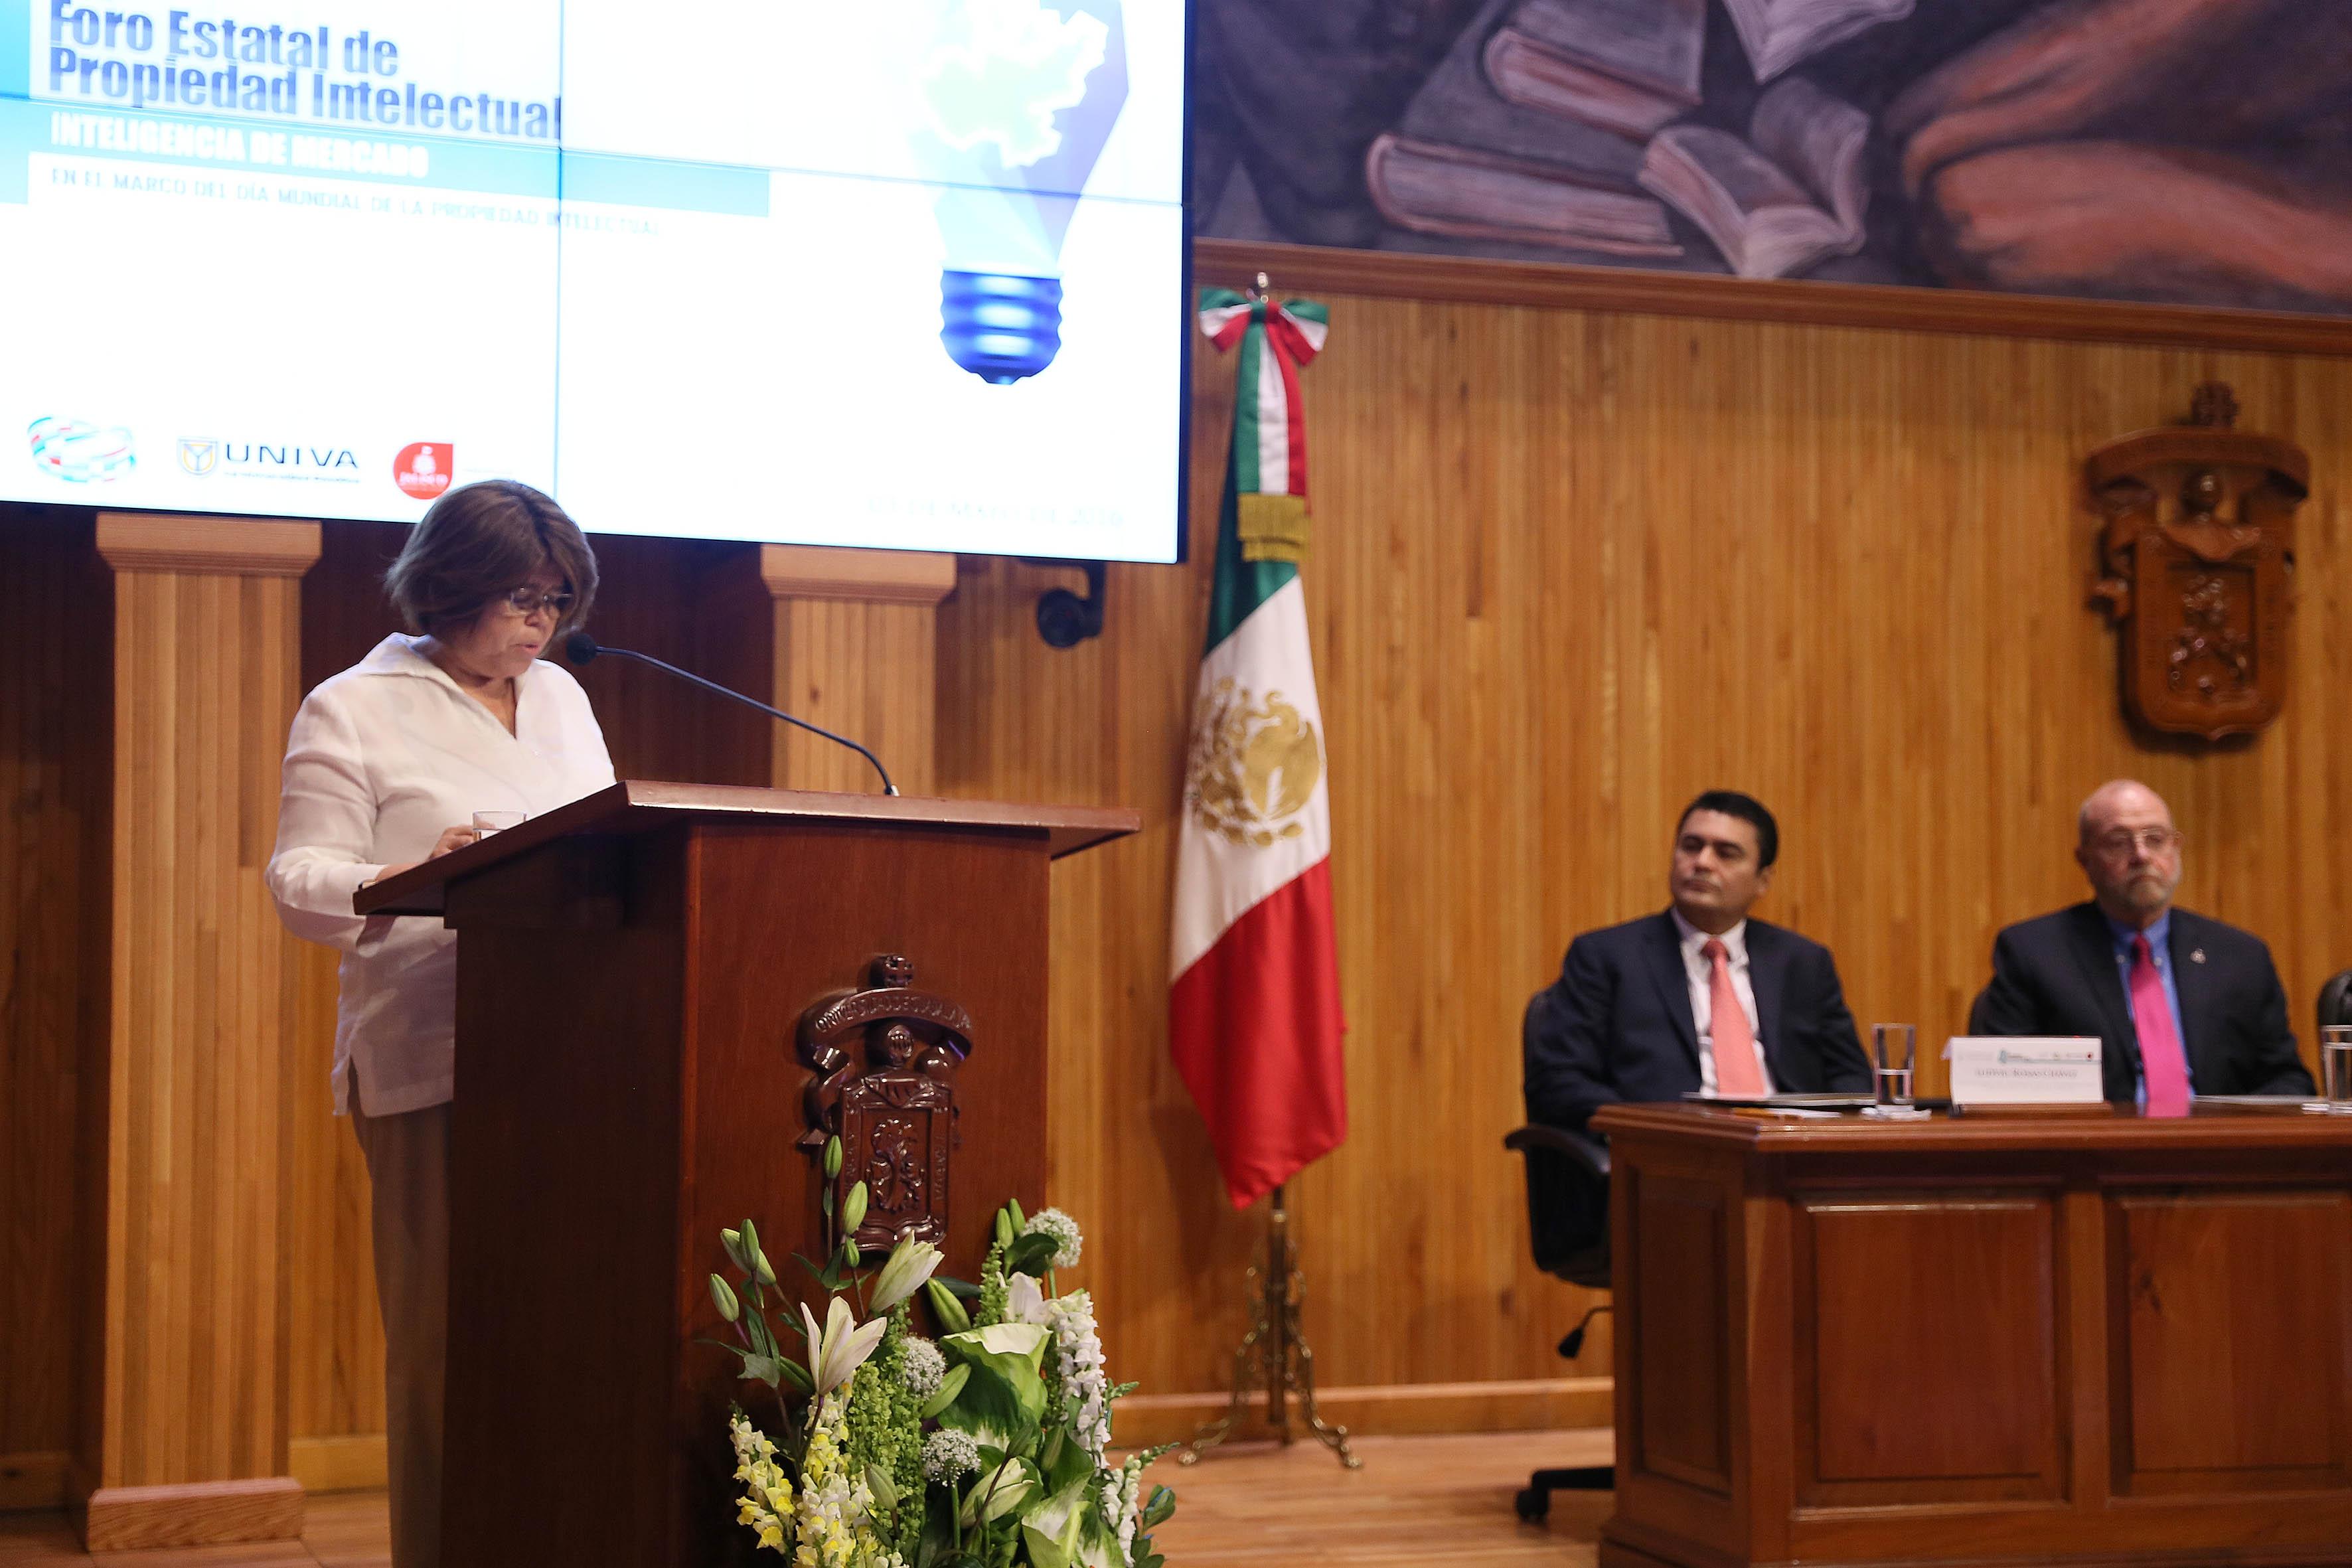 María Luisa García Bátiz participando en el 4to foro estatal de Propiedad Intelectual